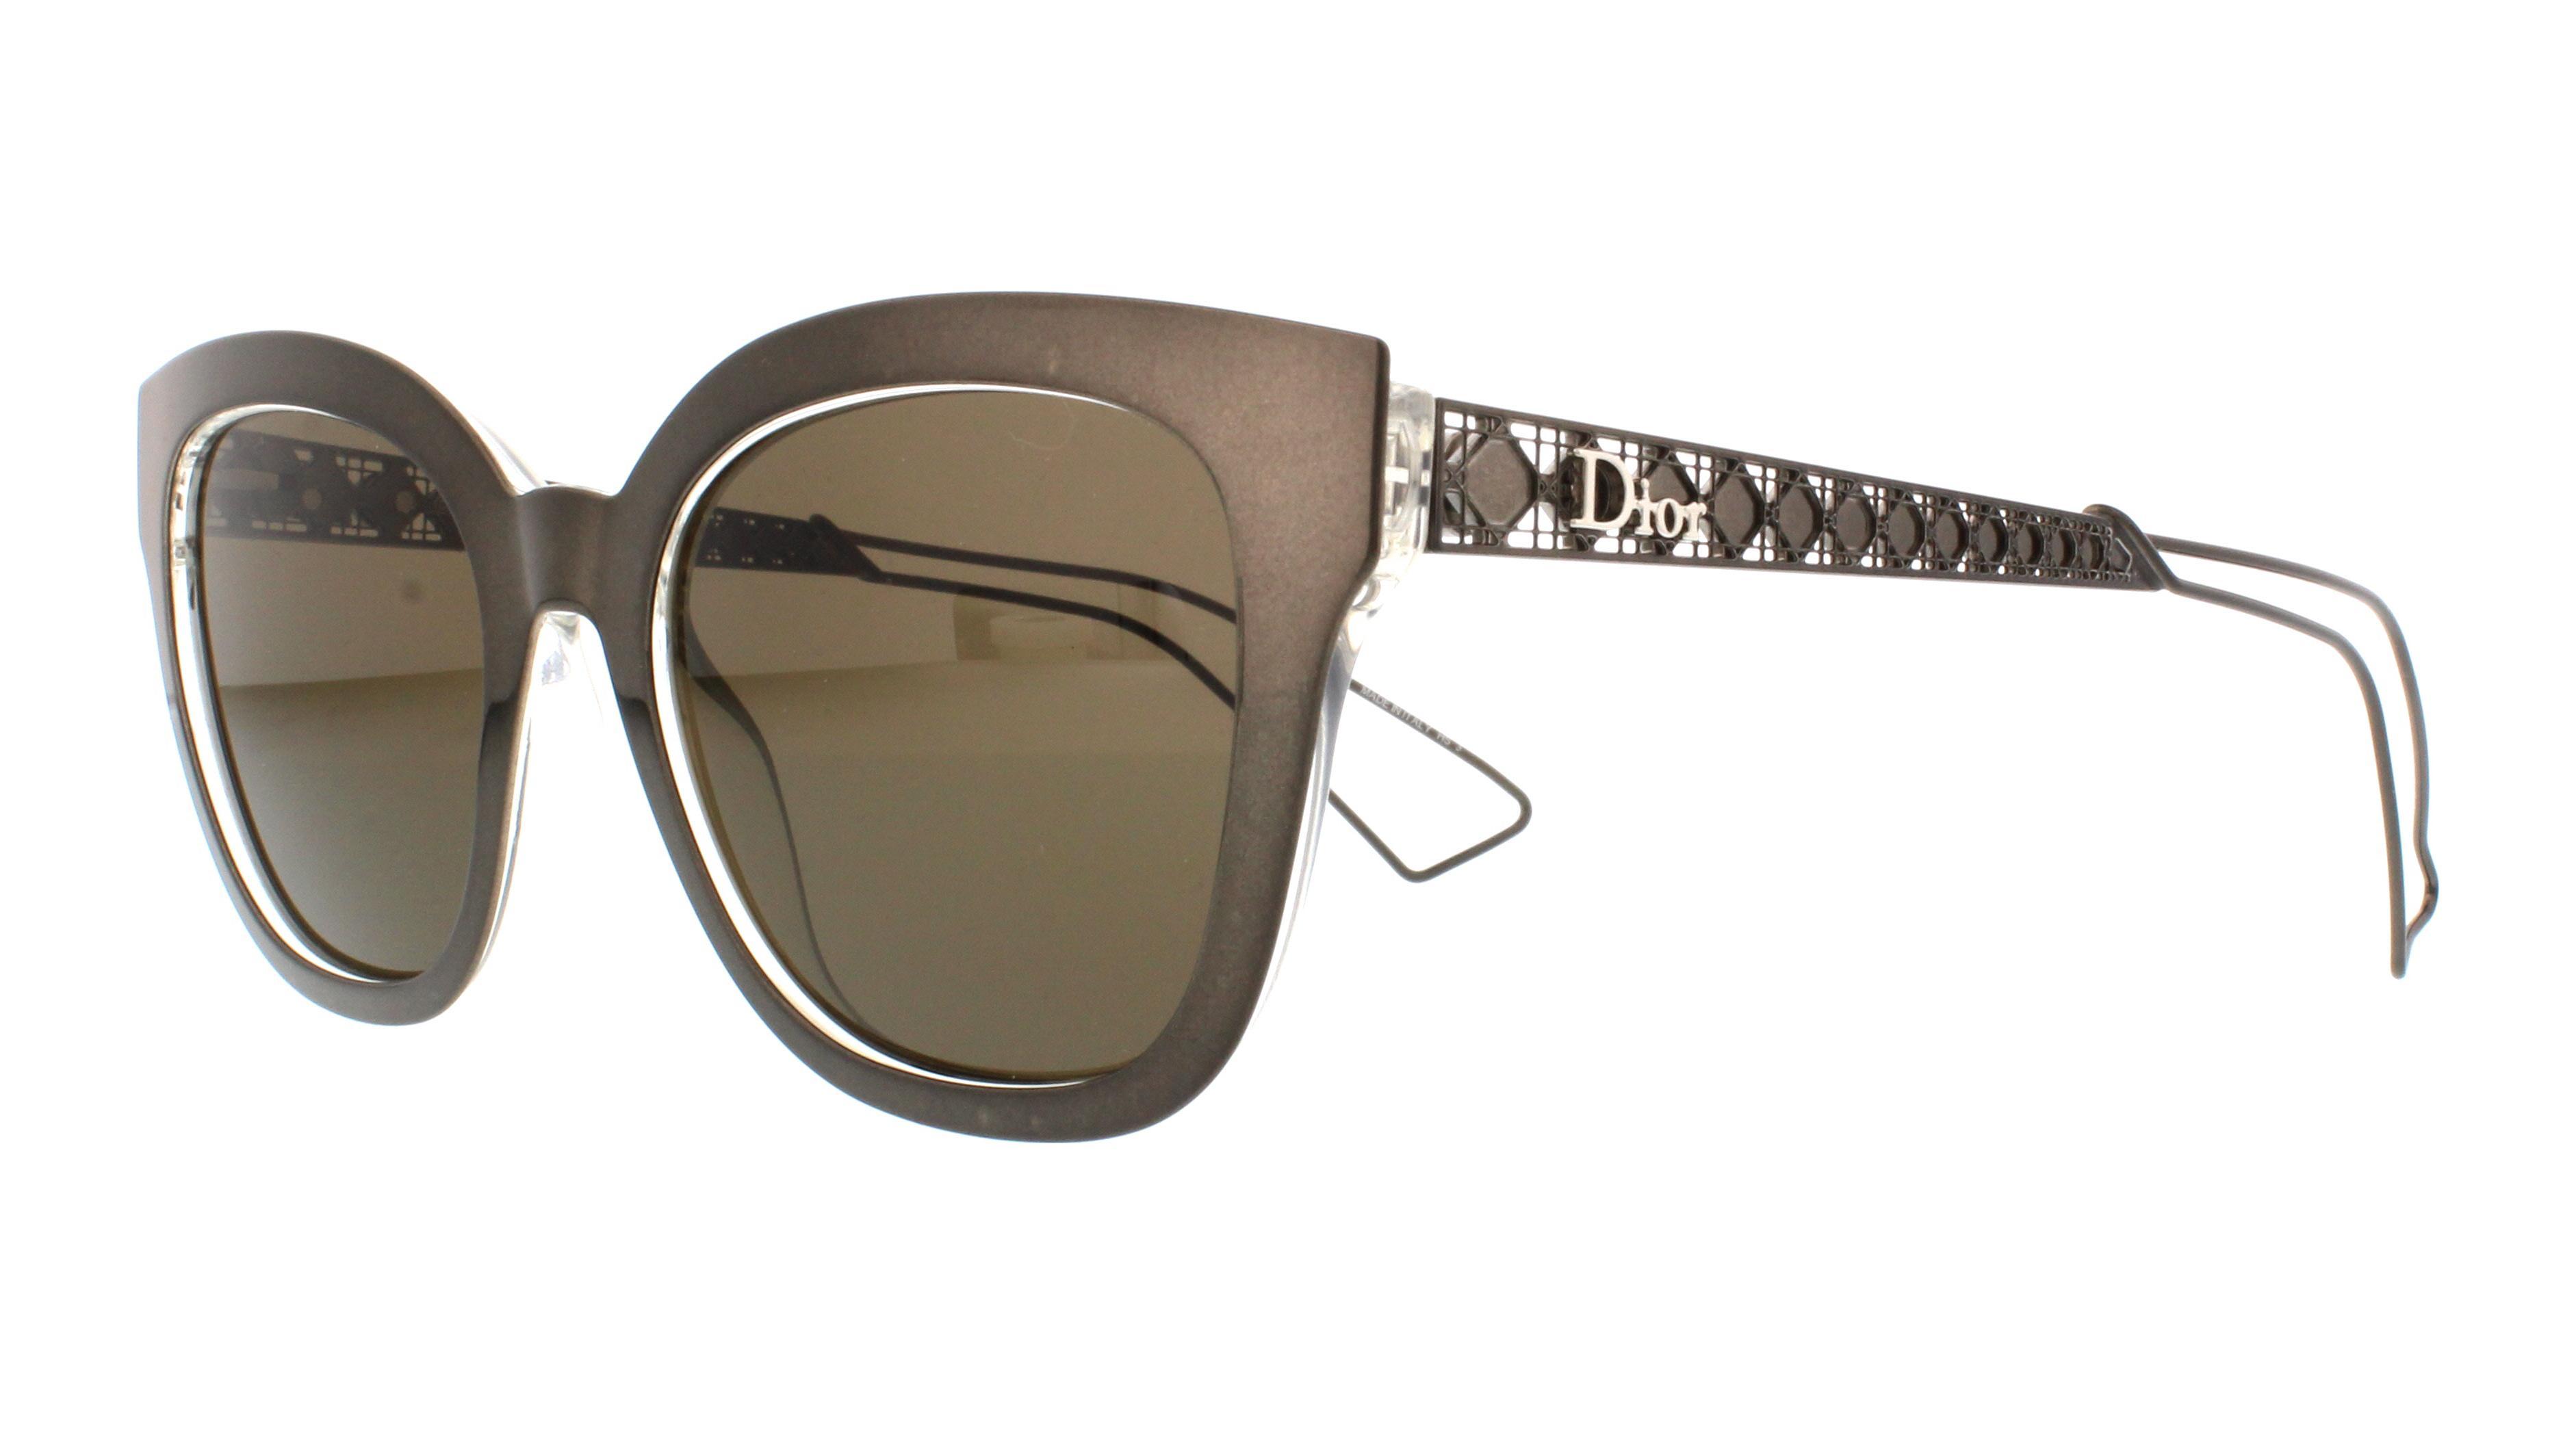 dd84385960abc Designer Frames Outlet. Dior AMA 1 S